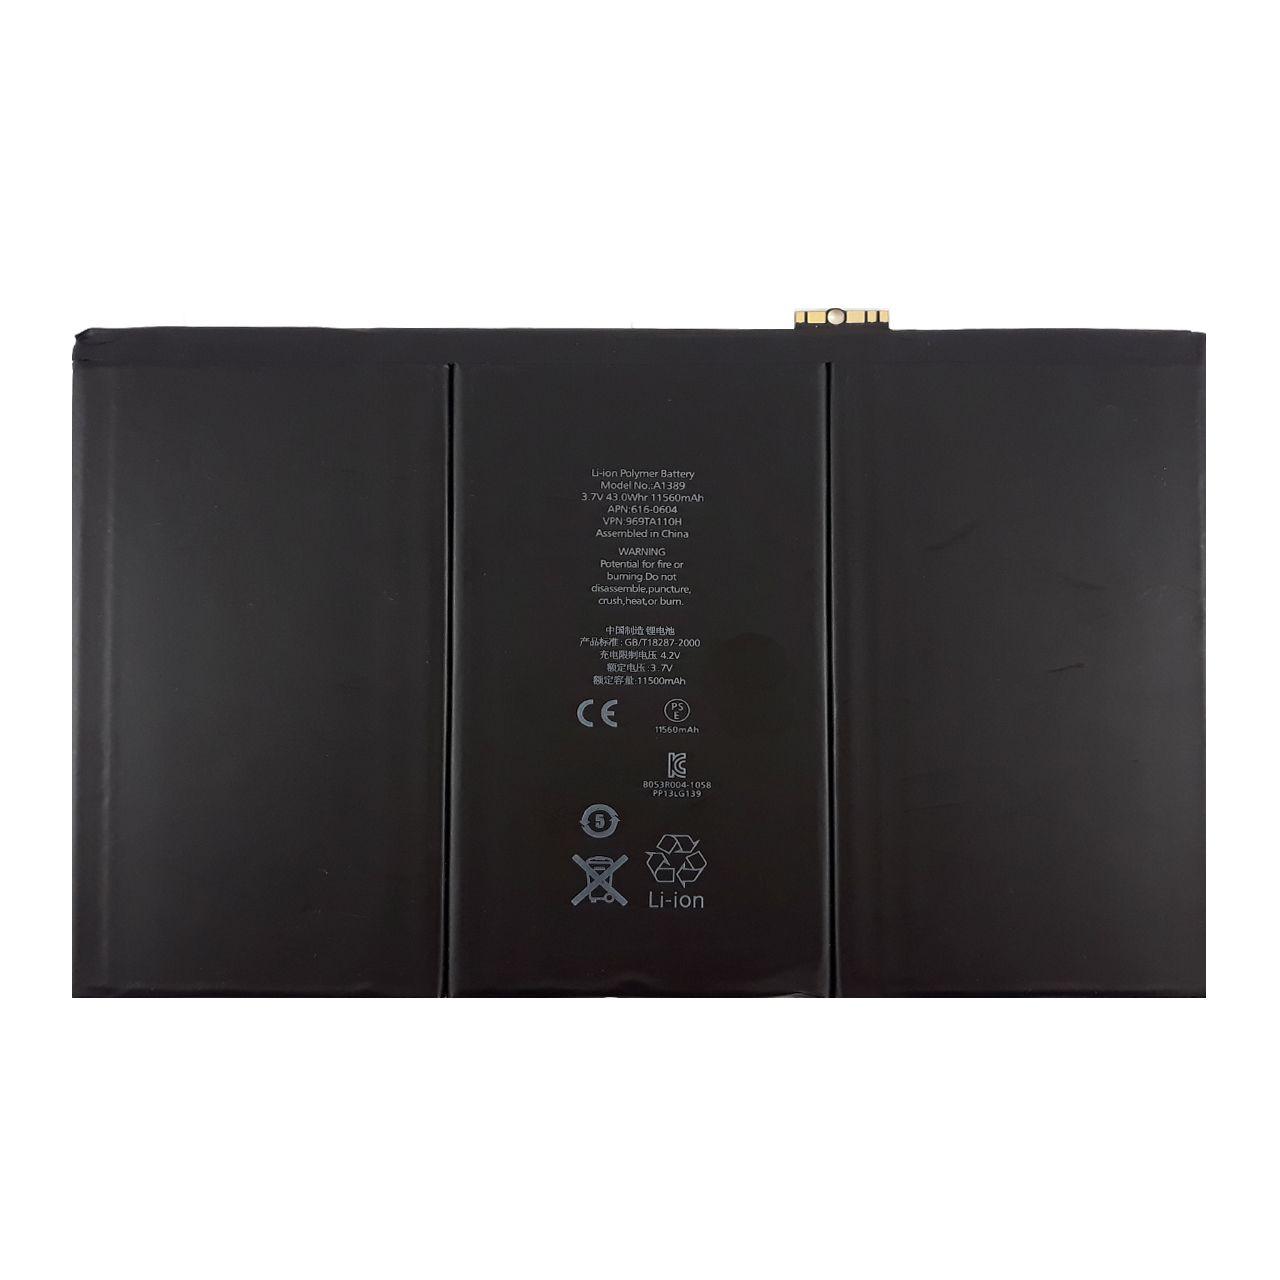 باتری تبلت مدل A1389 با ظرفیت 11560 میلی آمپرساعت مناسب برای تبلت اپل iPad 3